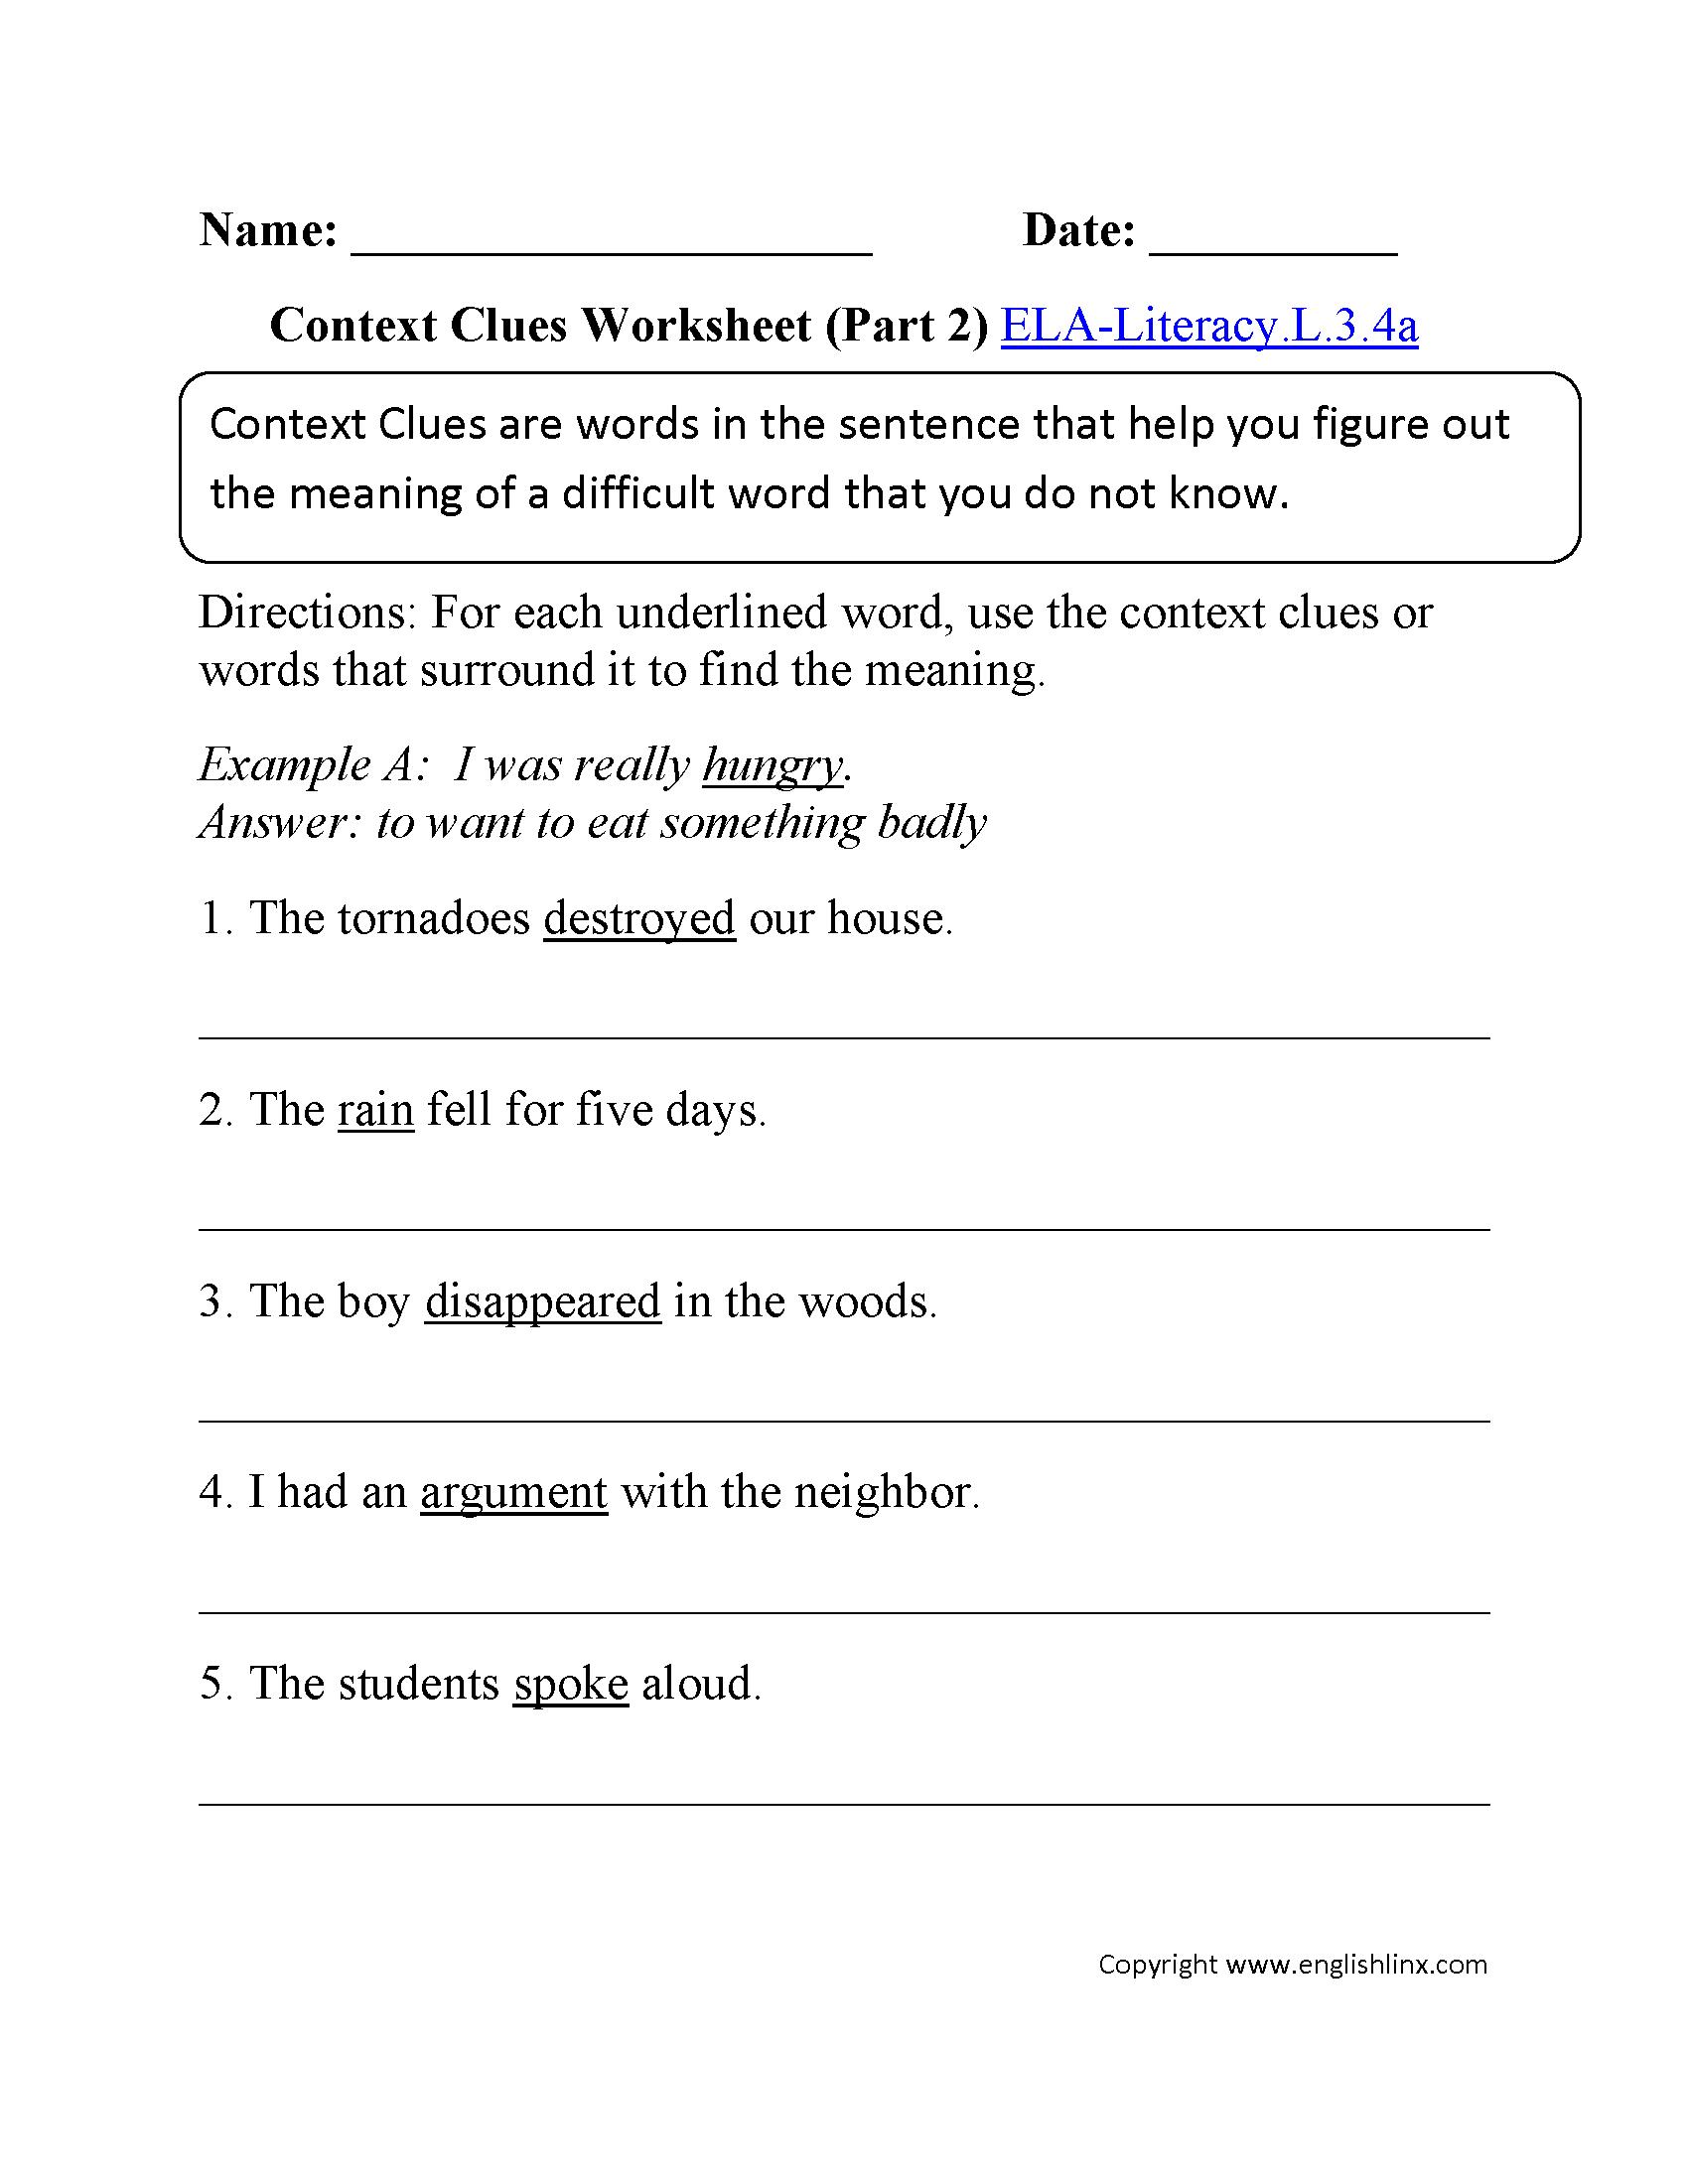 Context Clues Worksheet 2 Ela Literacy L 3 4a Language Worksheet